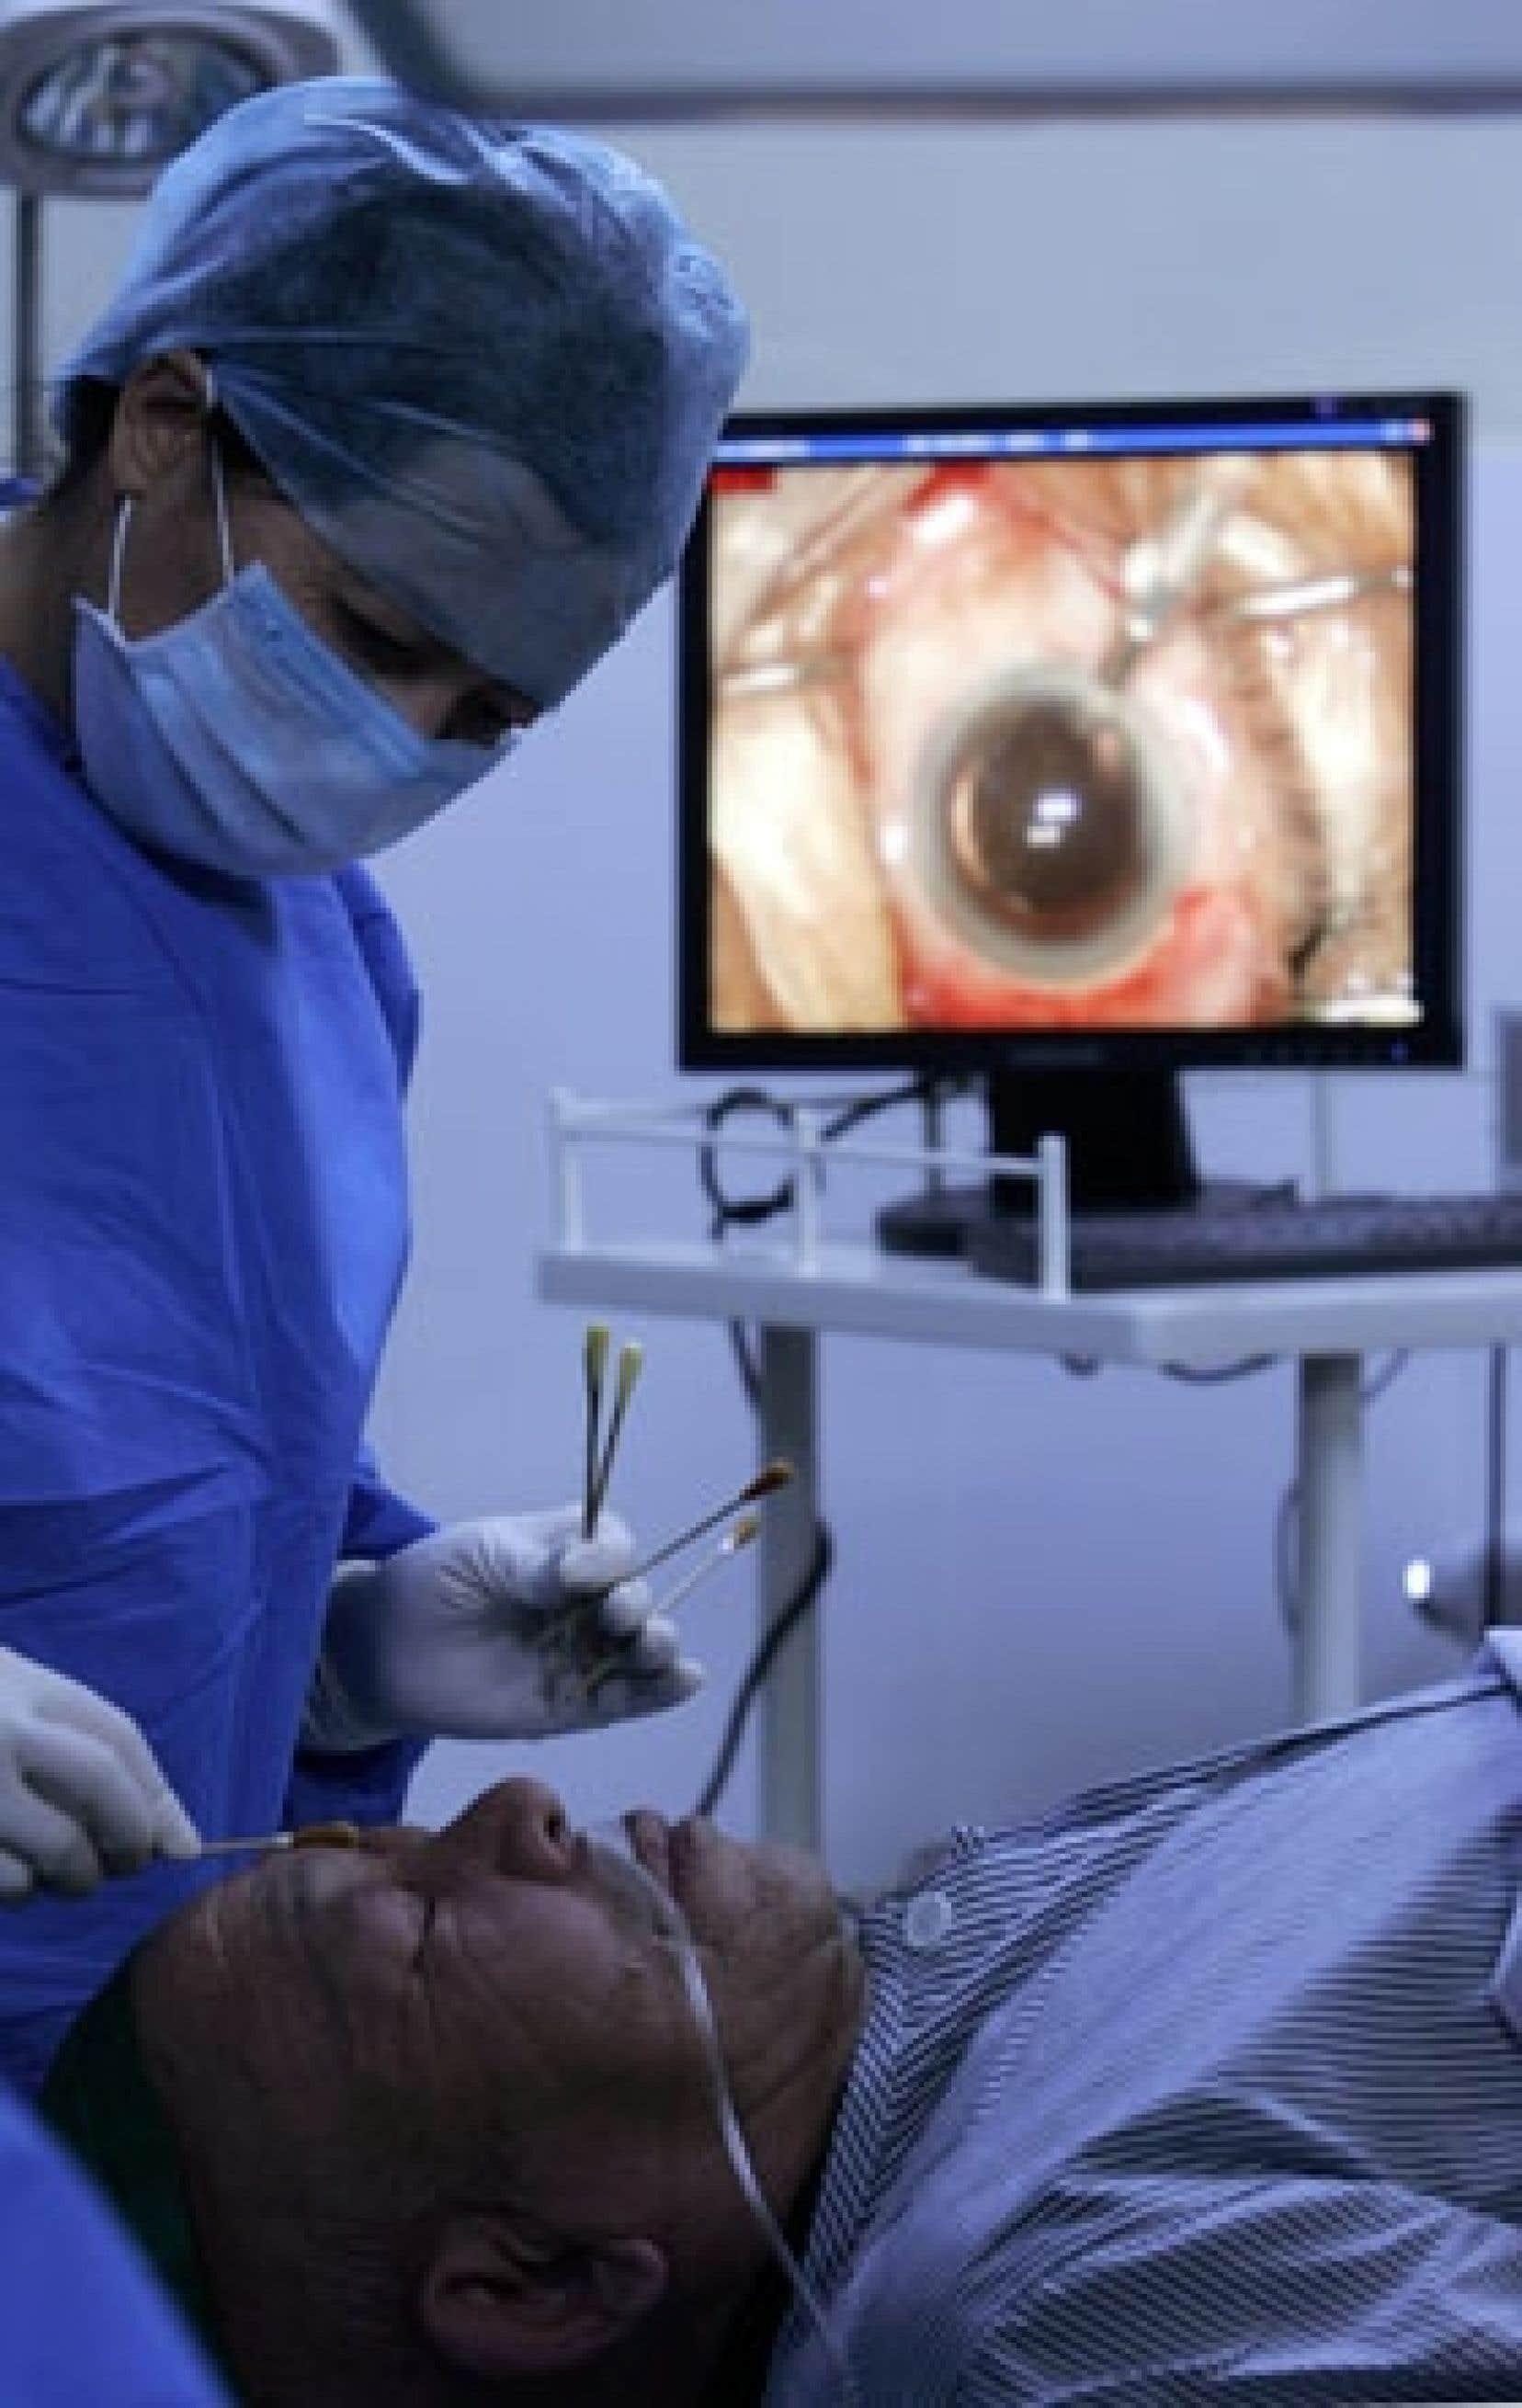 Les cliniques privées ne sont pas nombreuses à effectuer les chirurgies de la hanche, du genou et de la cataracte. Les personnes susceptibles de subir ces interventions sont surtout des aînés, et le marché pour un produit d'assurance santé privé